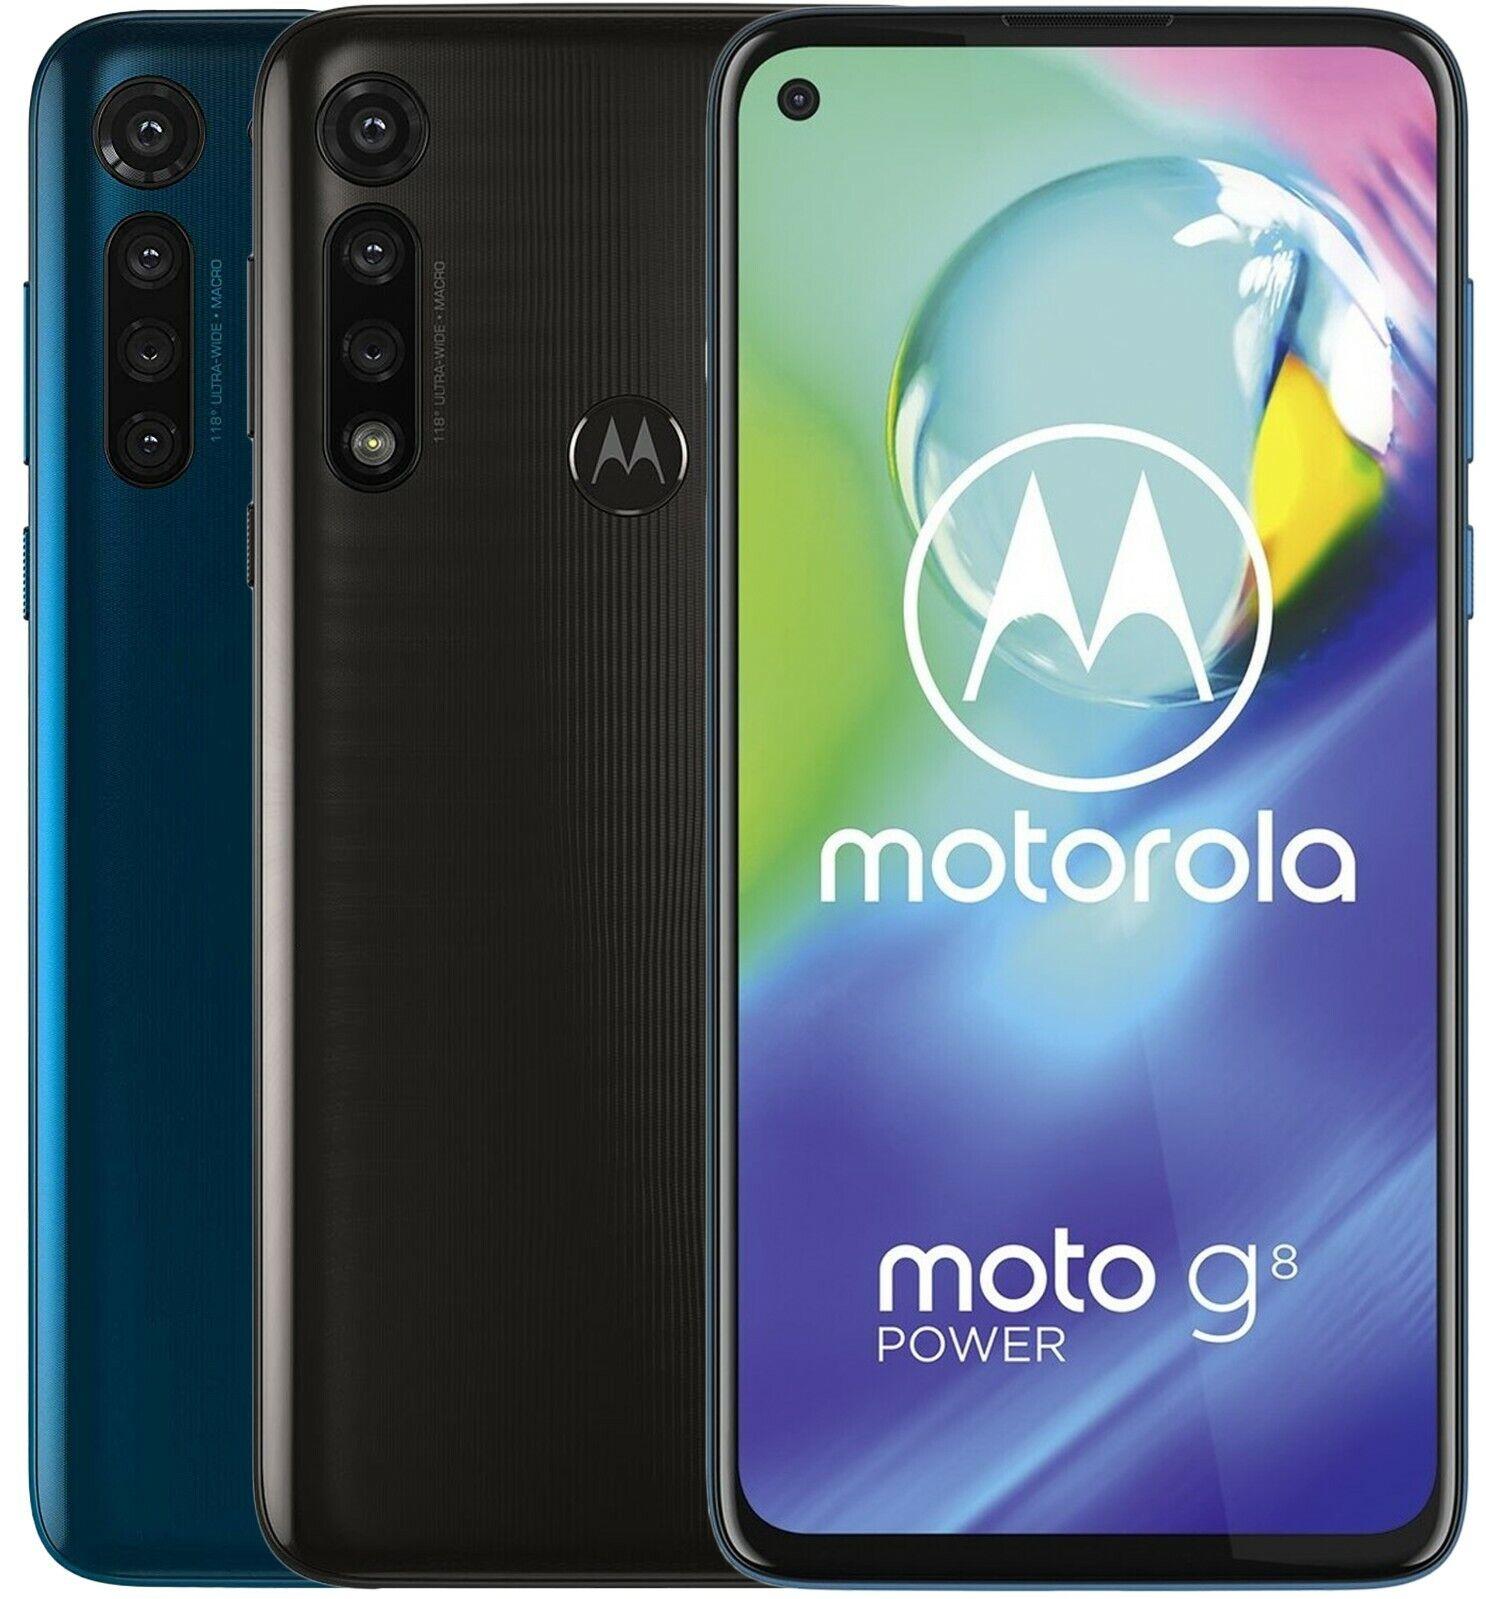 Motorola Moto G8 Power XT2041-1 Dual Sim (FACTORY UNLOCKED) 6.4